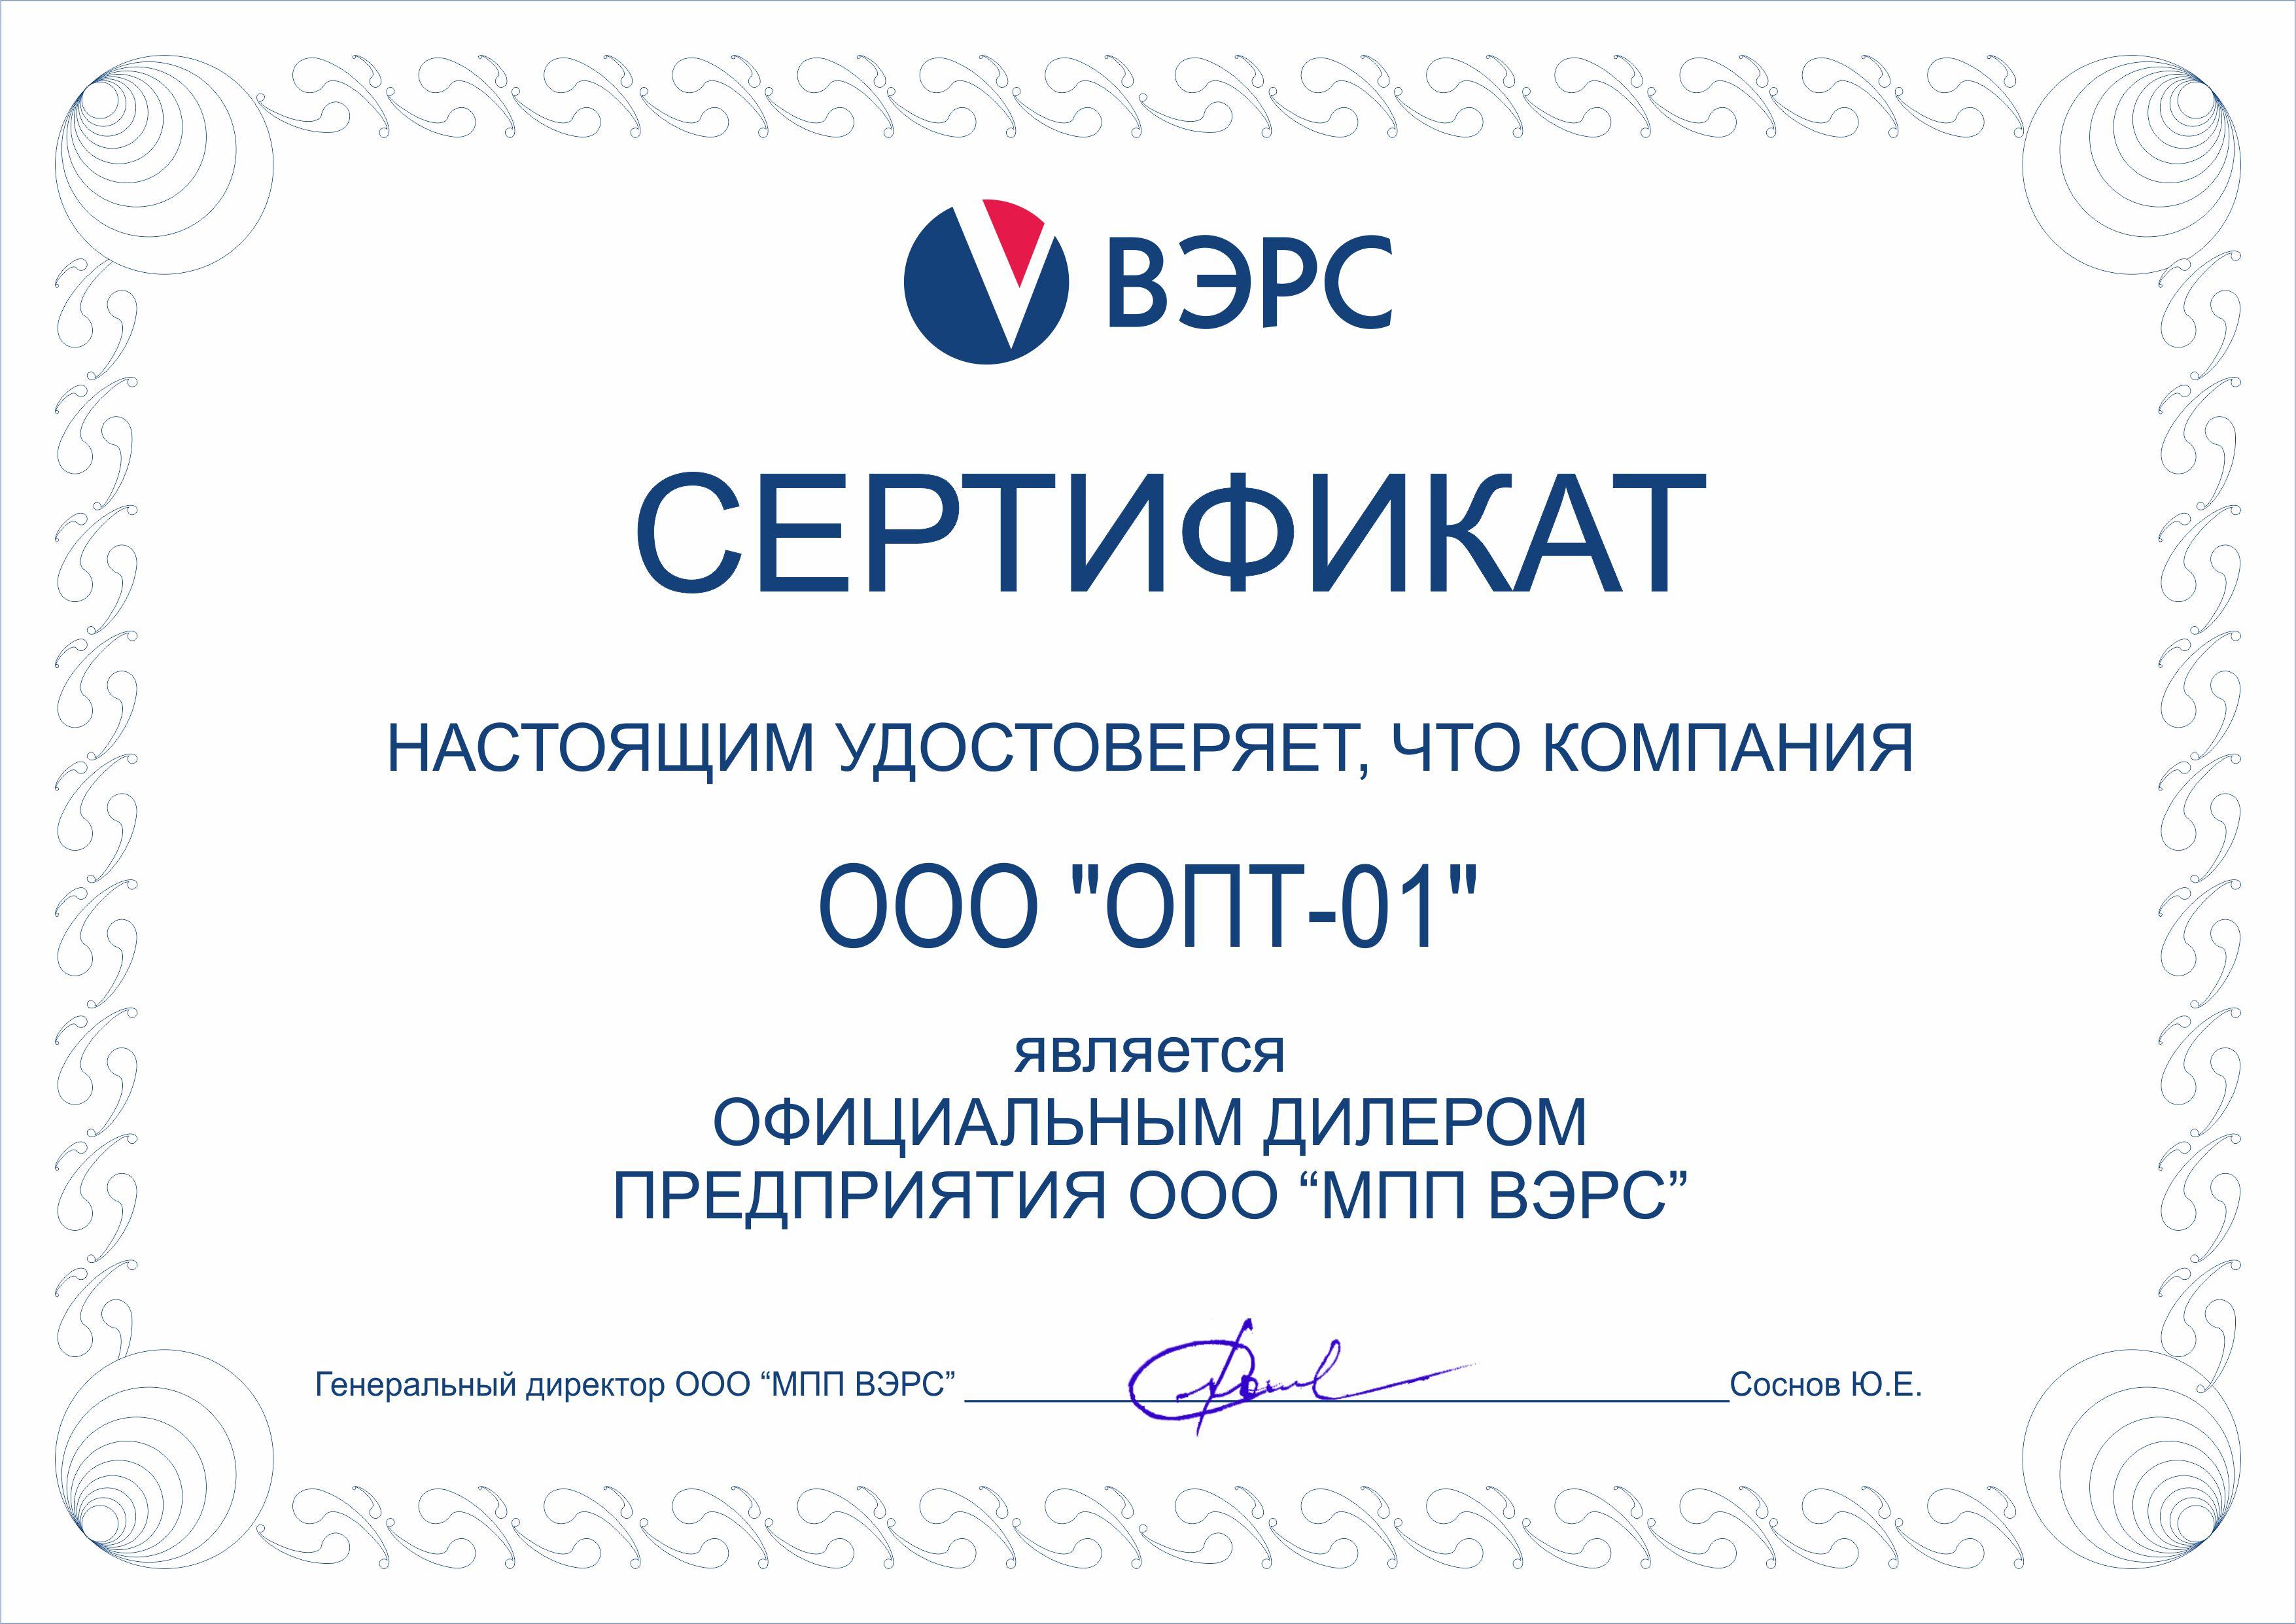 ВЭРС сертификат ОПТ